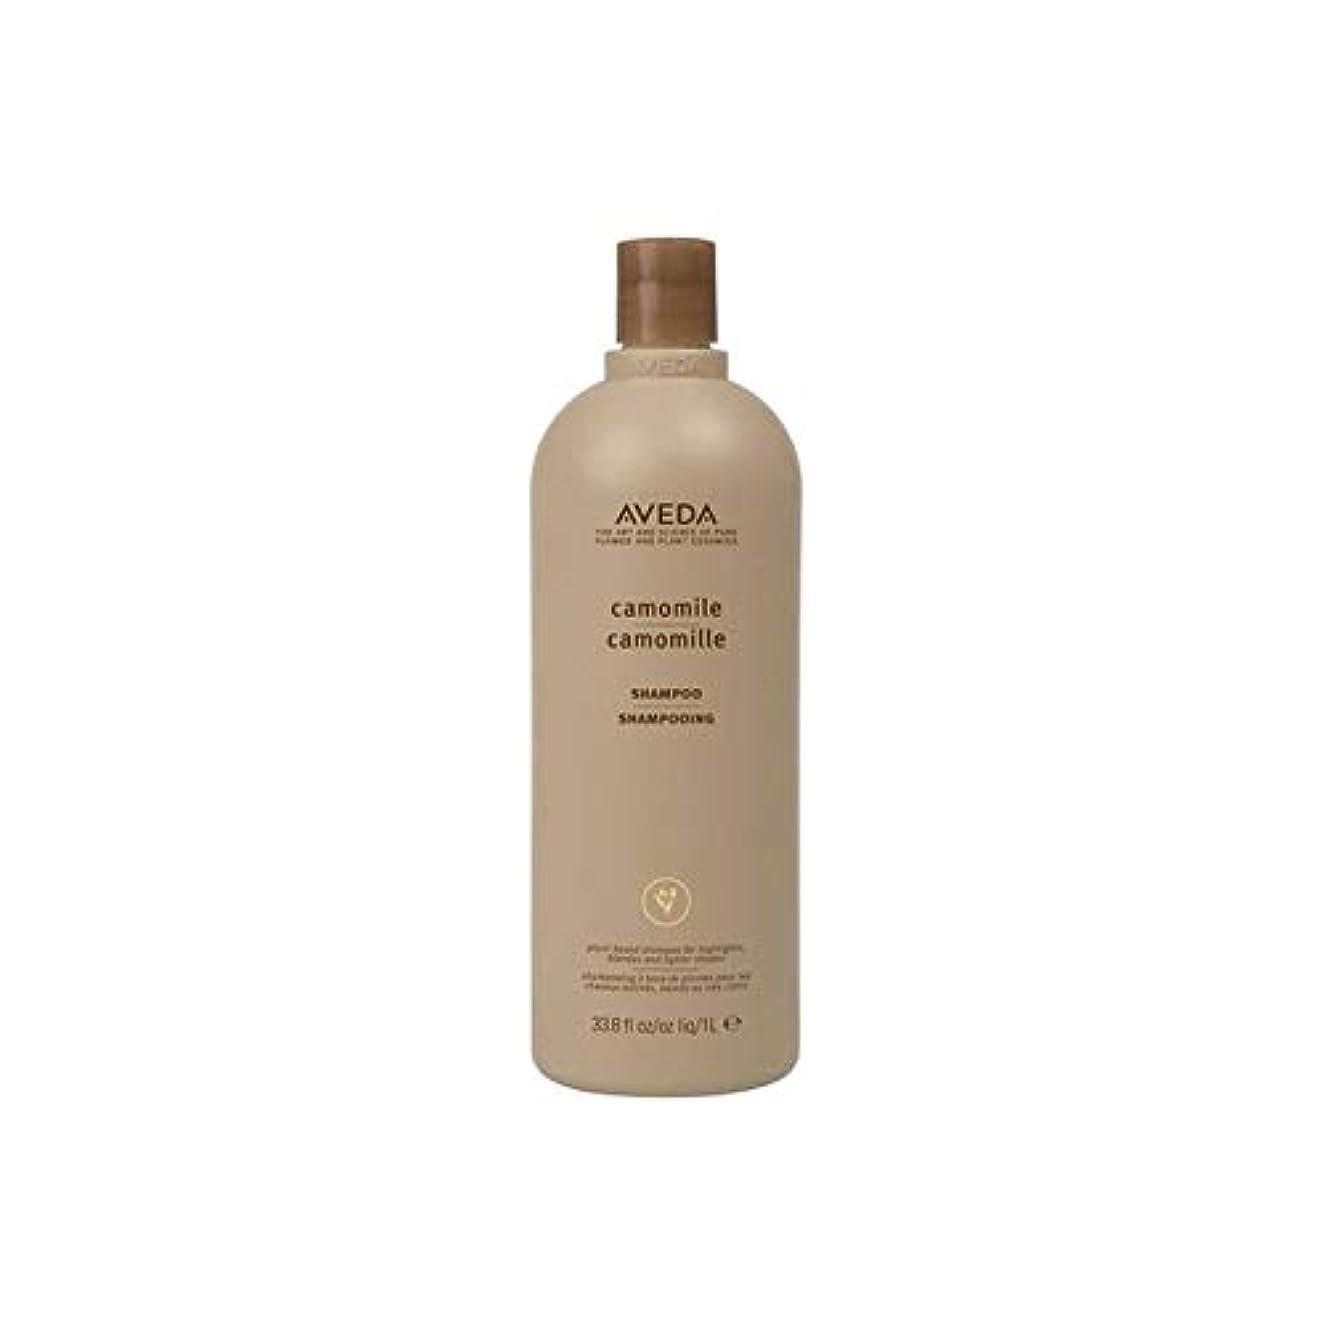 の頭の上勃起対角線[Aveda] アヴェダ純粋な植物カミツレシャンプー(千ミリリットル) - Aveda Pure Plant Camomile Shampoo (1000ml) [並行輸入品]